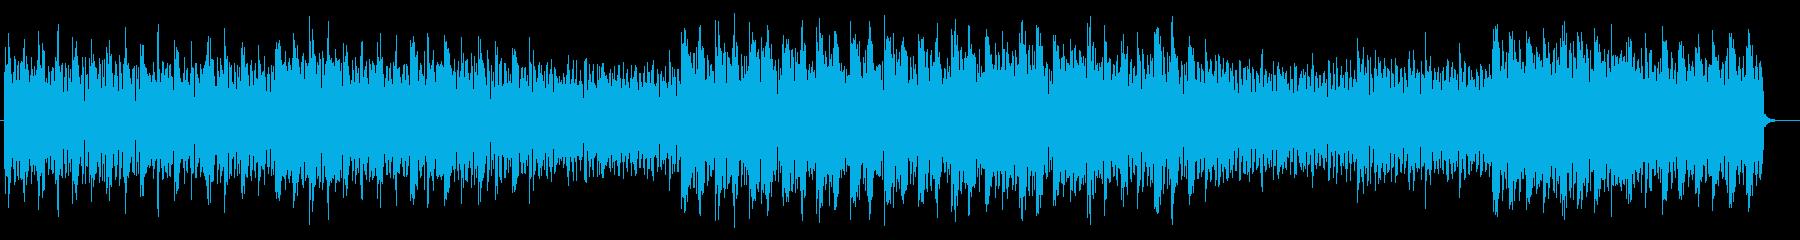 センセーショナルトランスミュージックの再生済みの波形